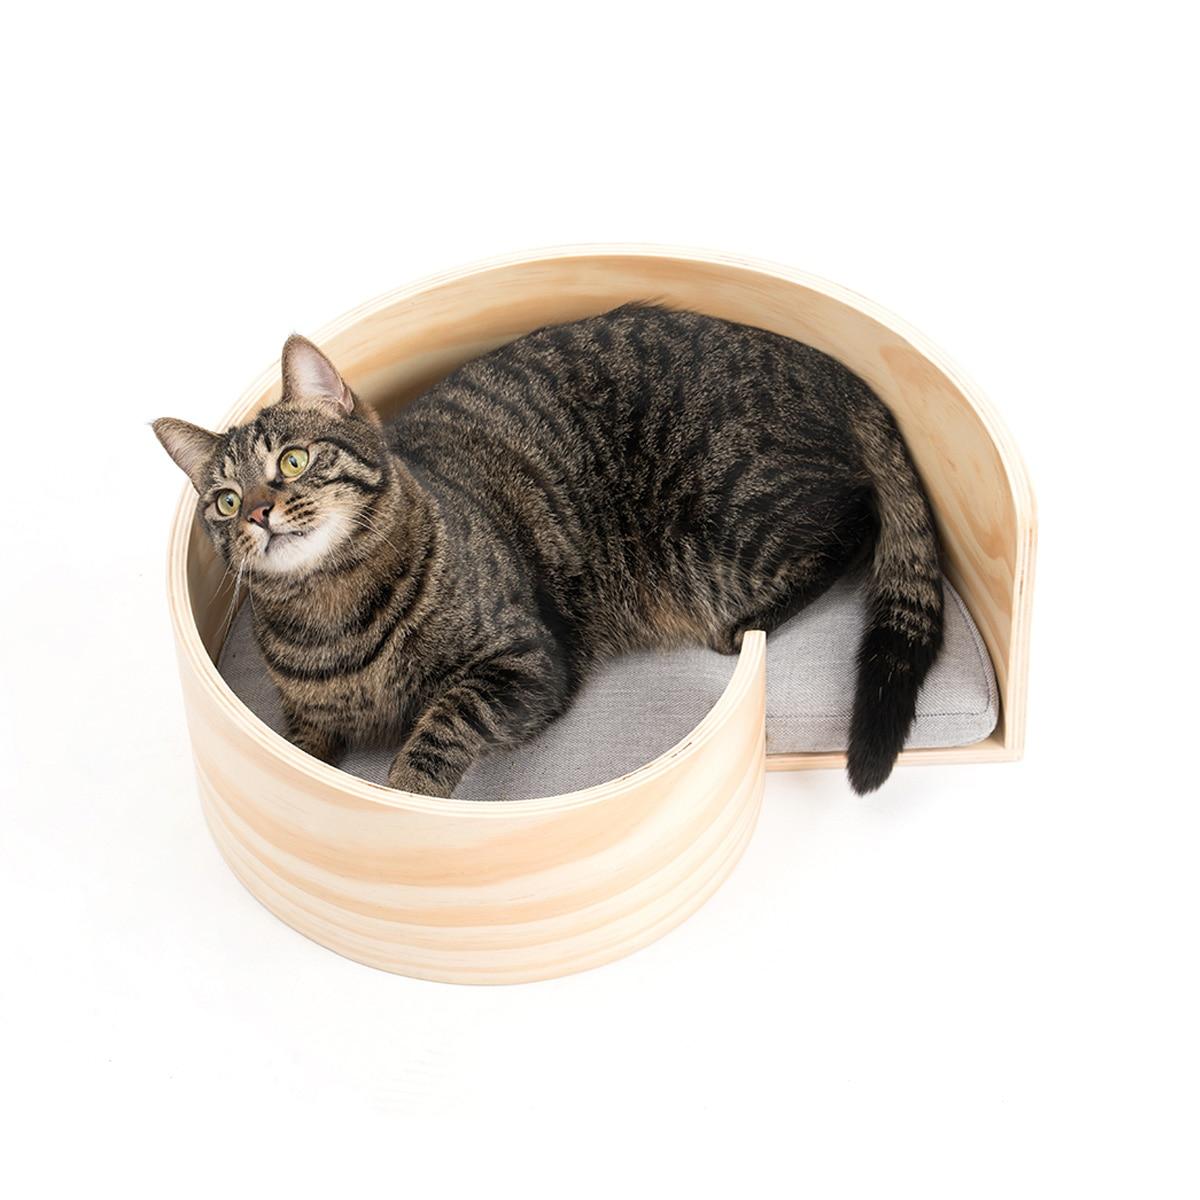 wooden-cat-litter-cat-pet-litter-pet-supplies-cat-bed-small-pet-house-dog-kennel-kedi-evi-dog-blanket-dog-beds-pet-bed